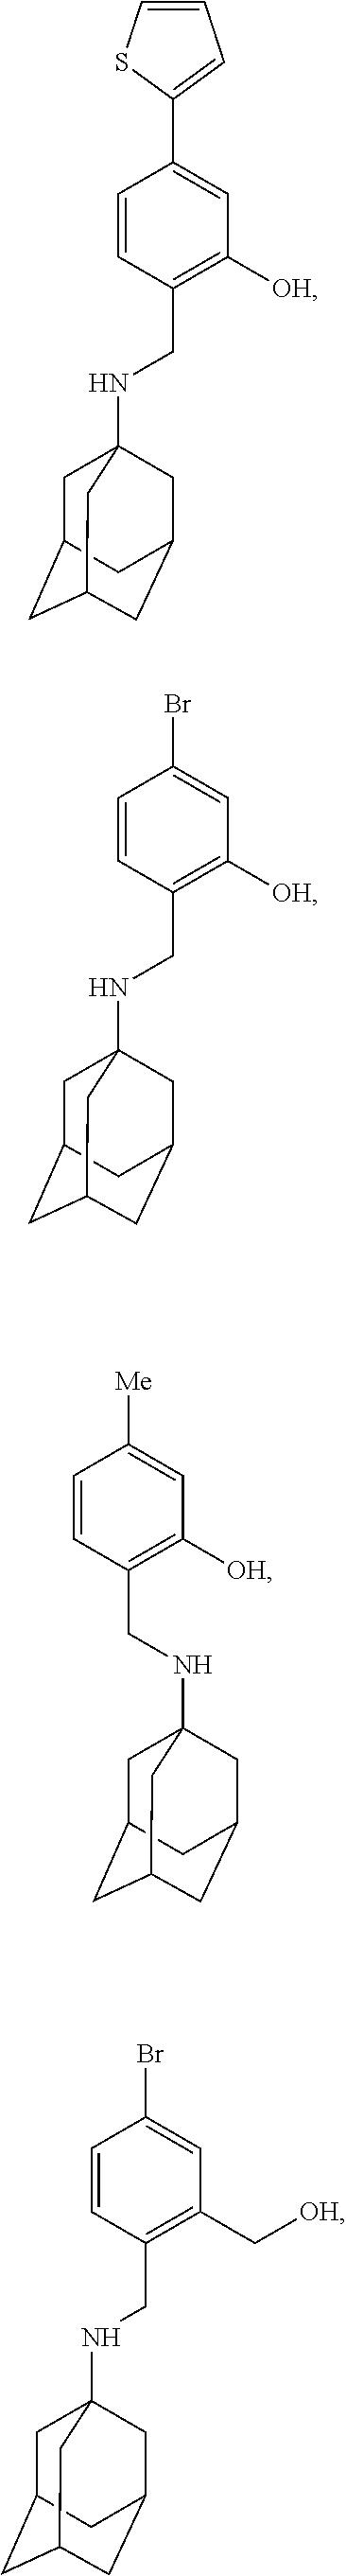 Figure US09884832-20180206-C00140